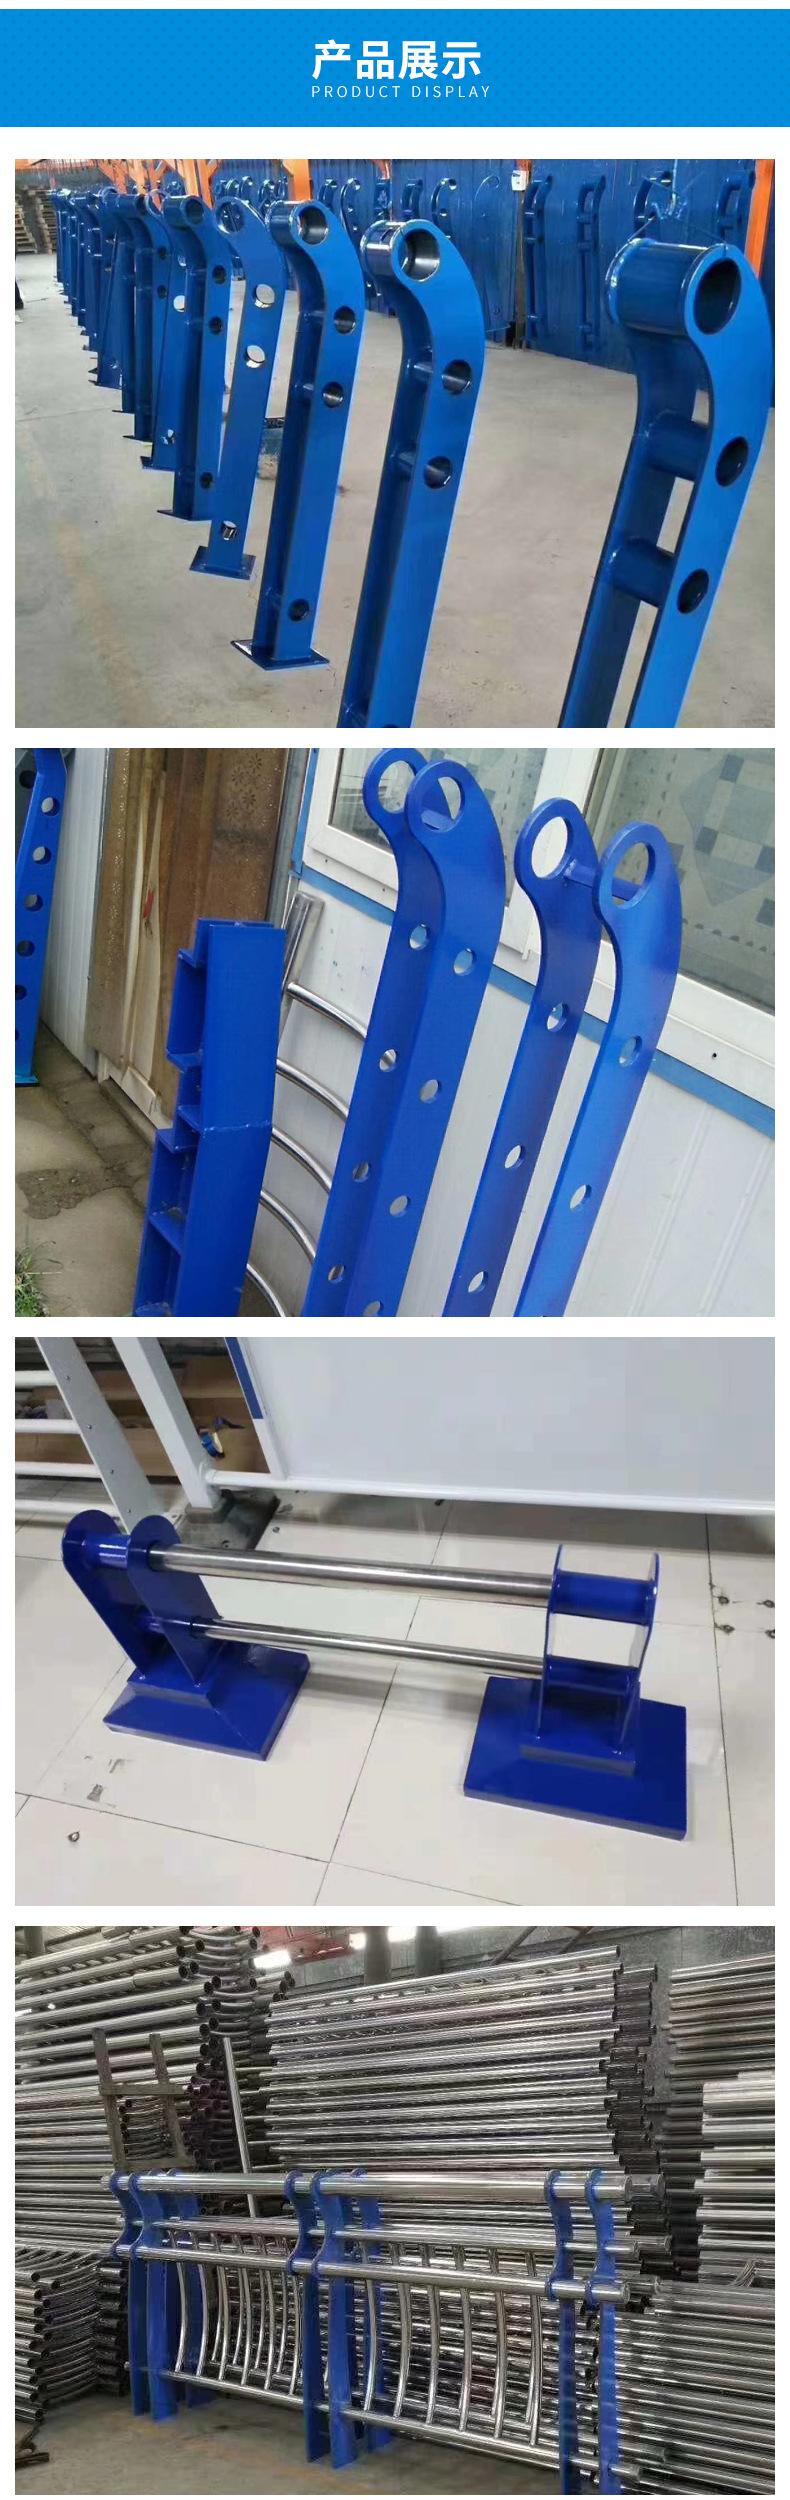 厂家直销景观护栏河道护栏高速护栏景观护栏加工 景观栏杆设计示例图6